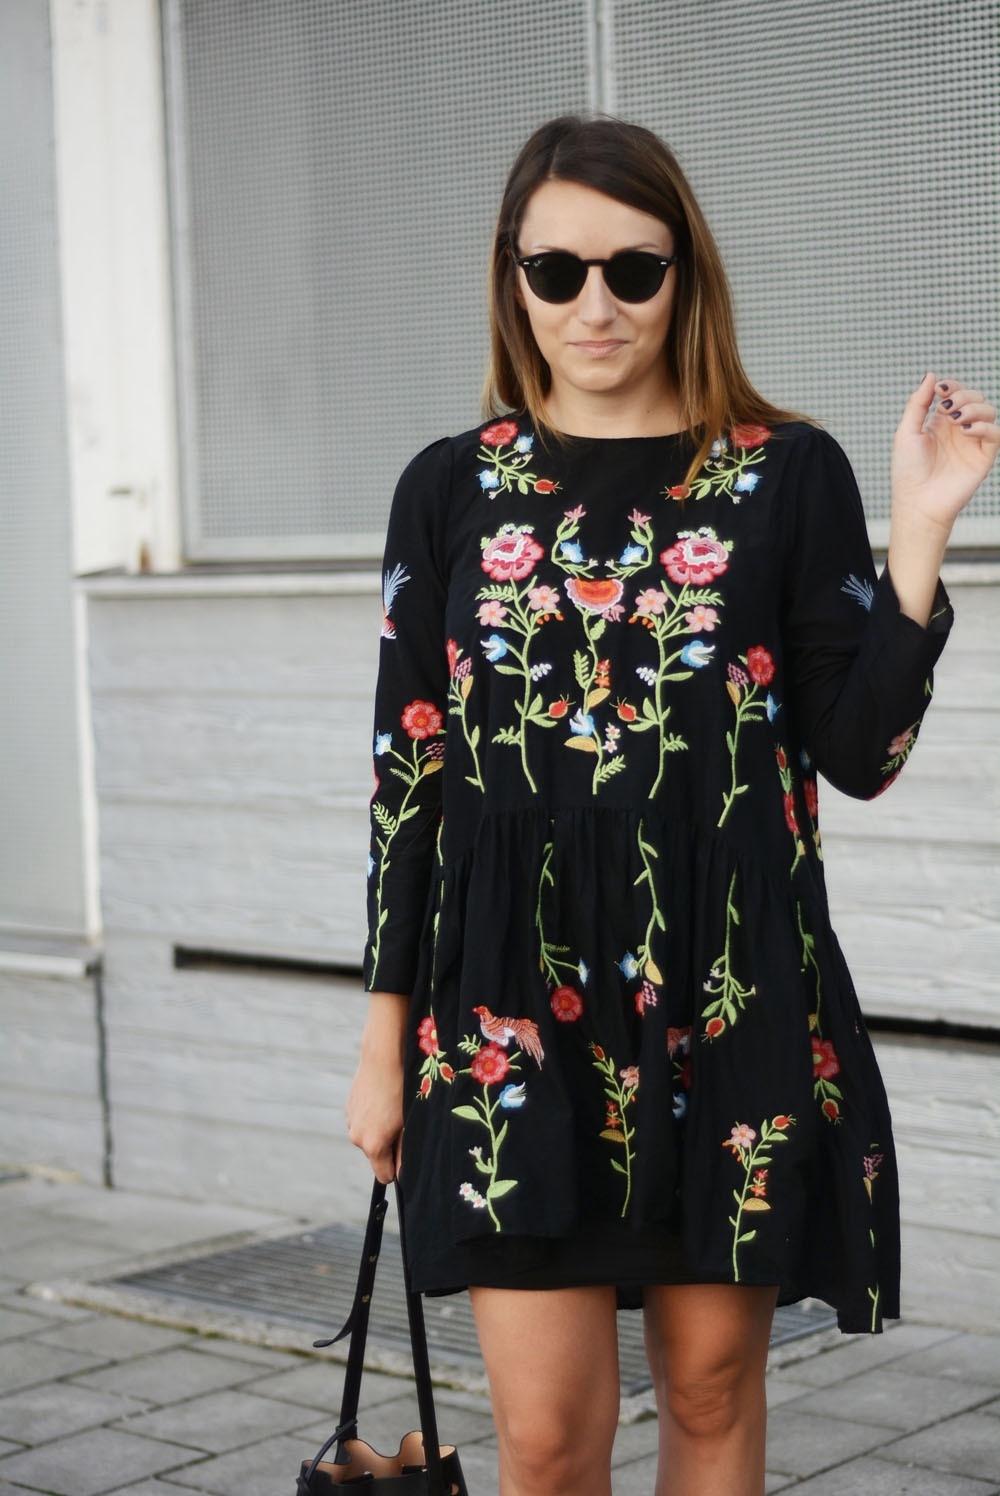 10 Leicht Kleid Große Blumen DesignDesigner Einzigartig Kleid Große Blumen Boutique